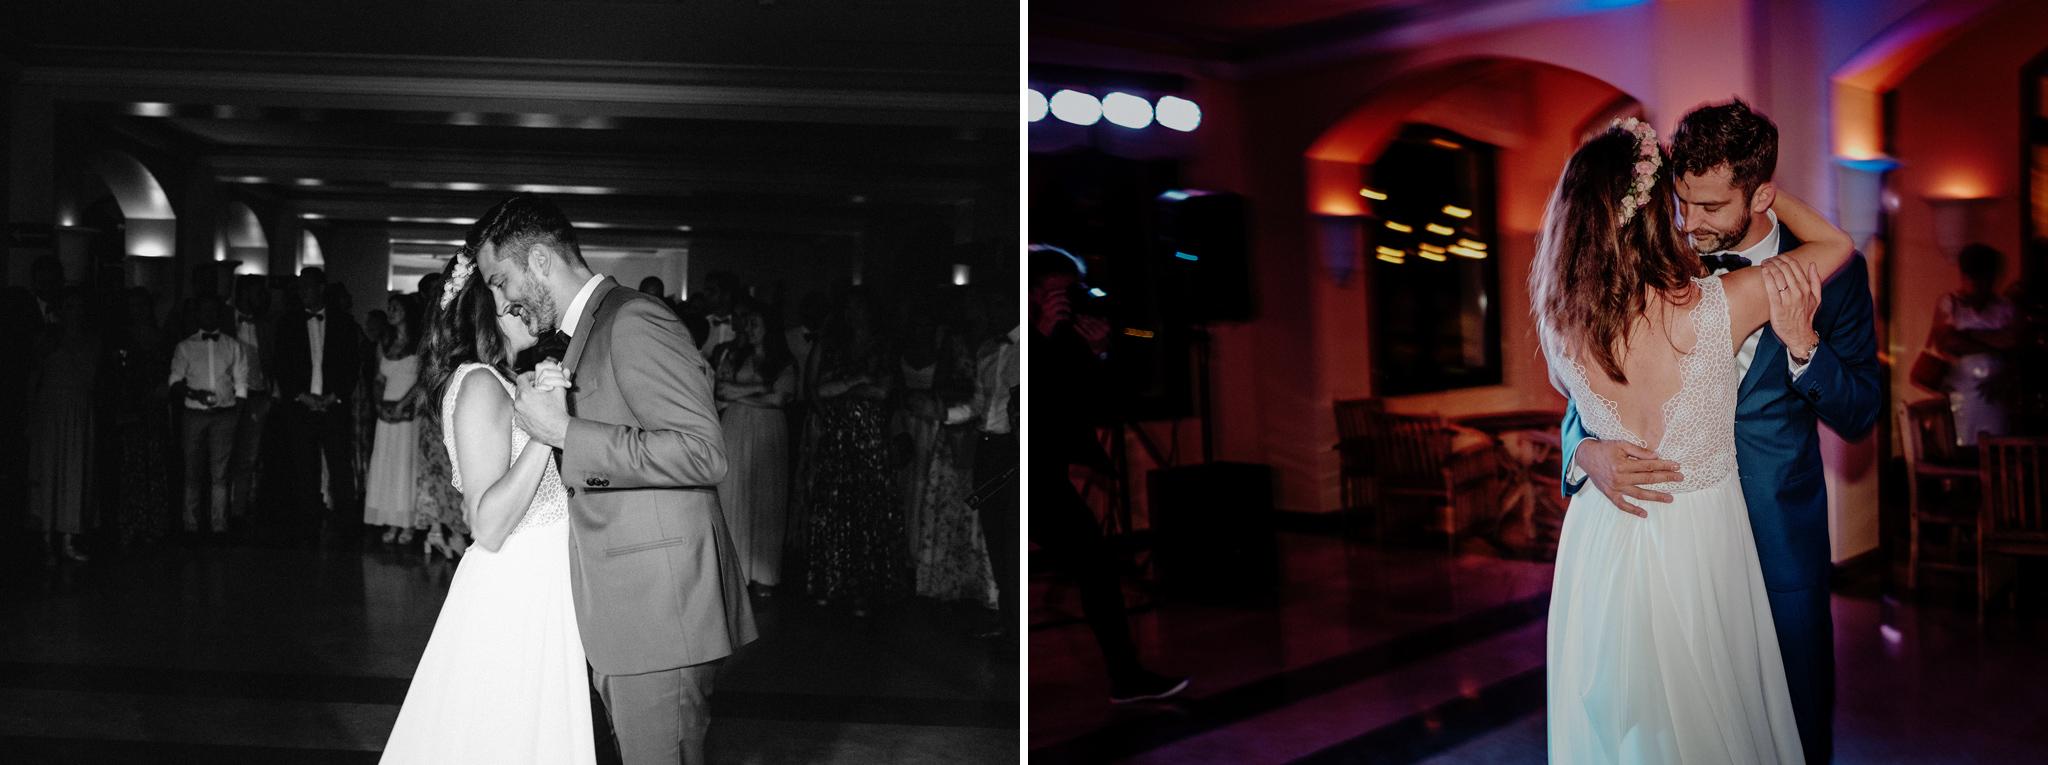 fotografo-boda-barcelona0083.jpg